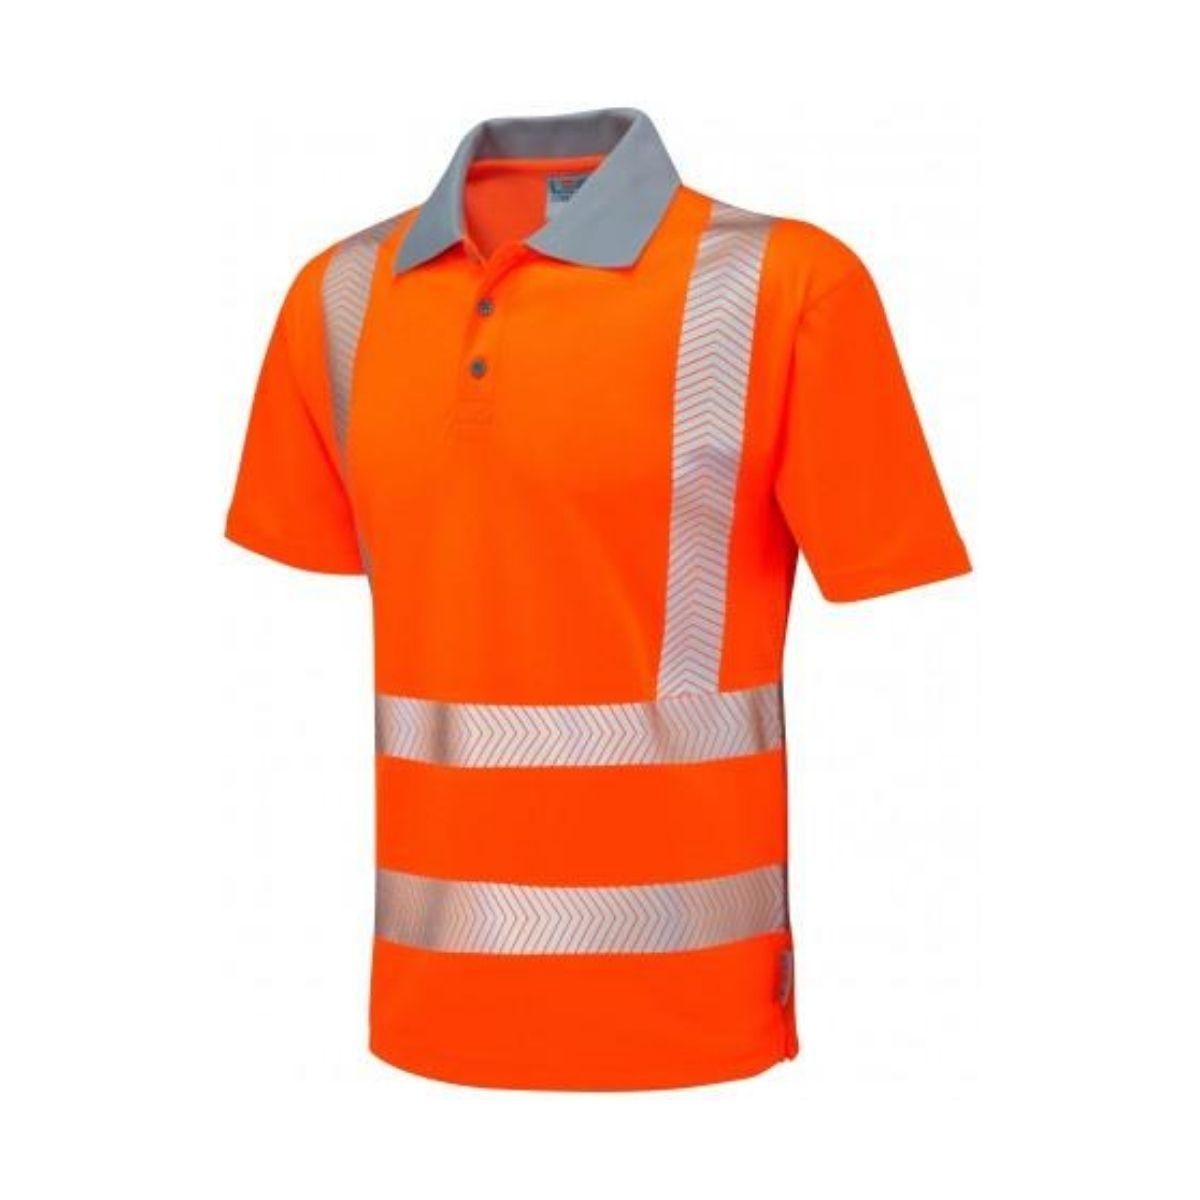 HV0046 Woolacombe Coolvis Plus Poloshirt - Orange